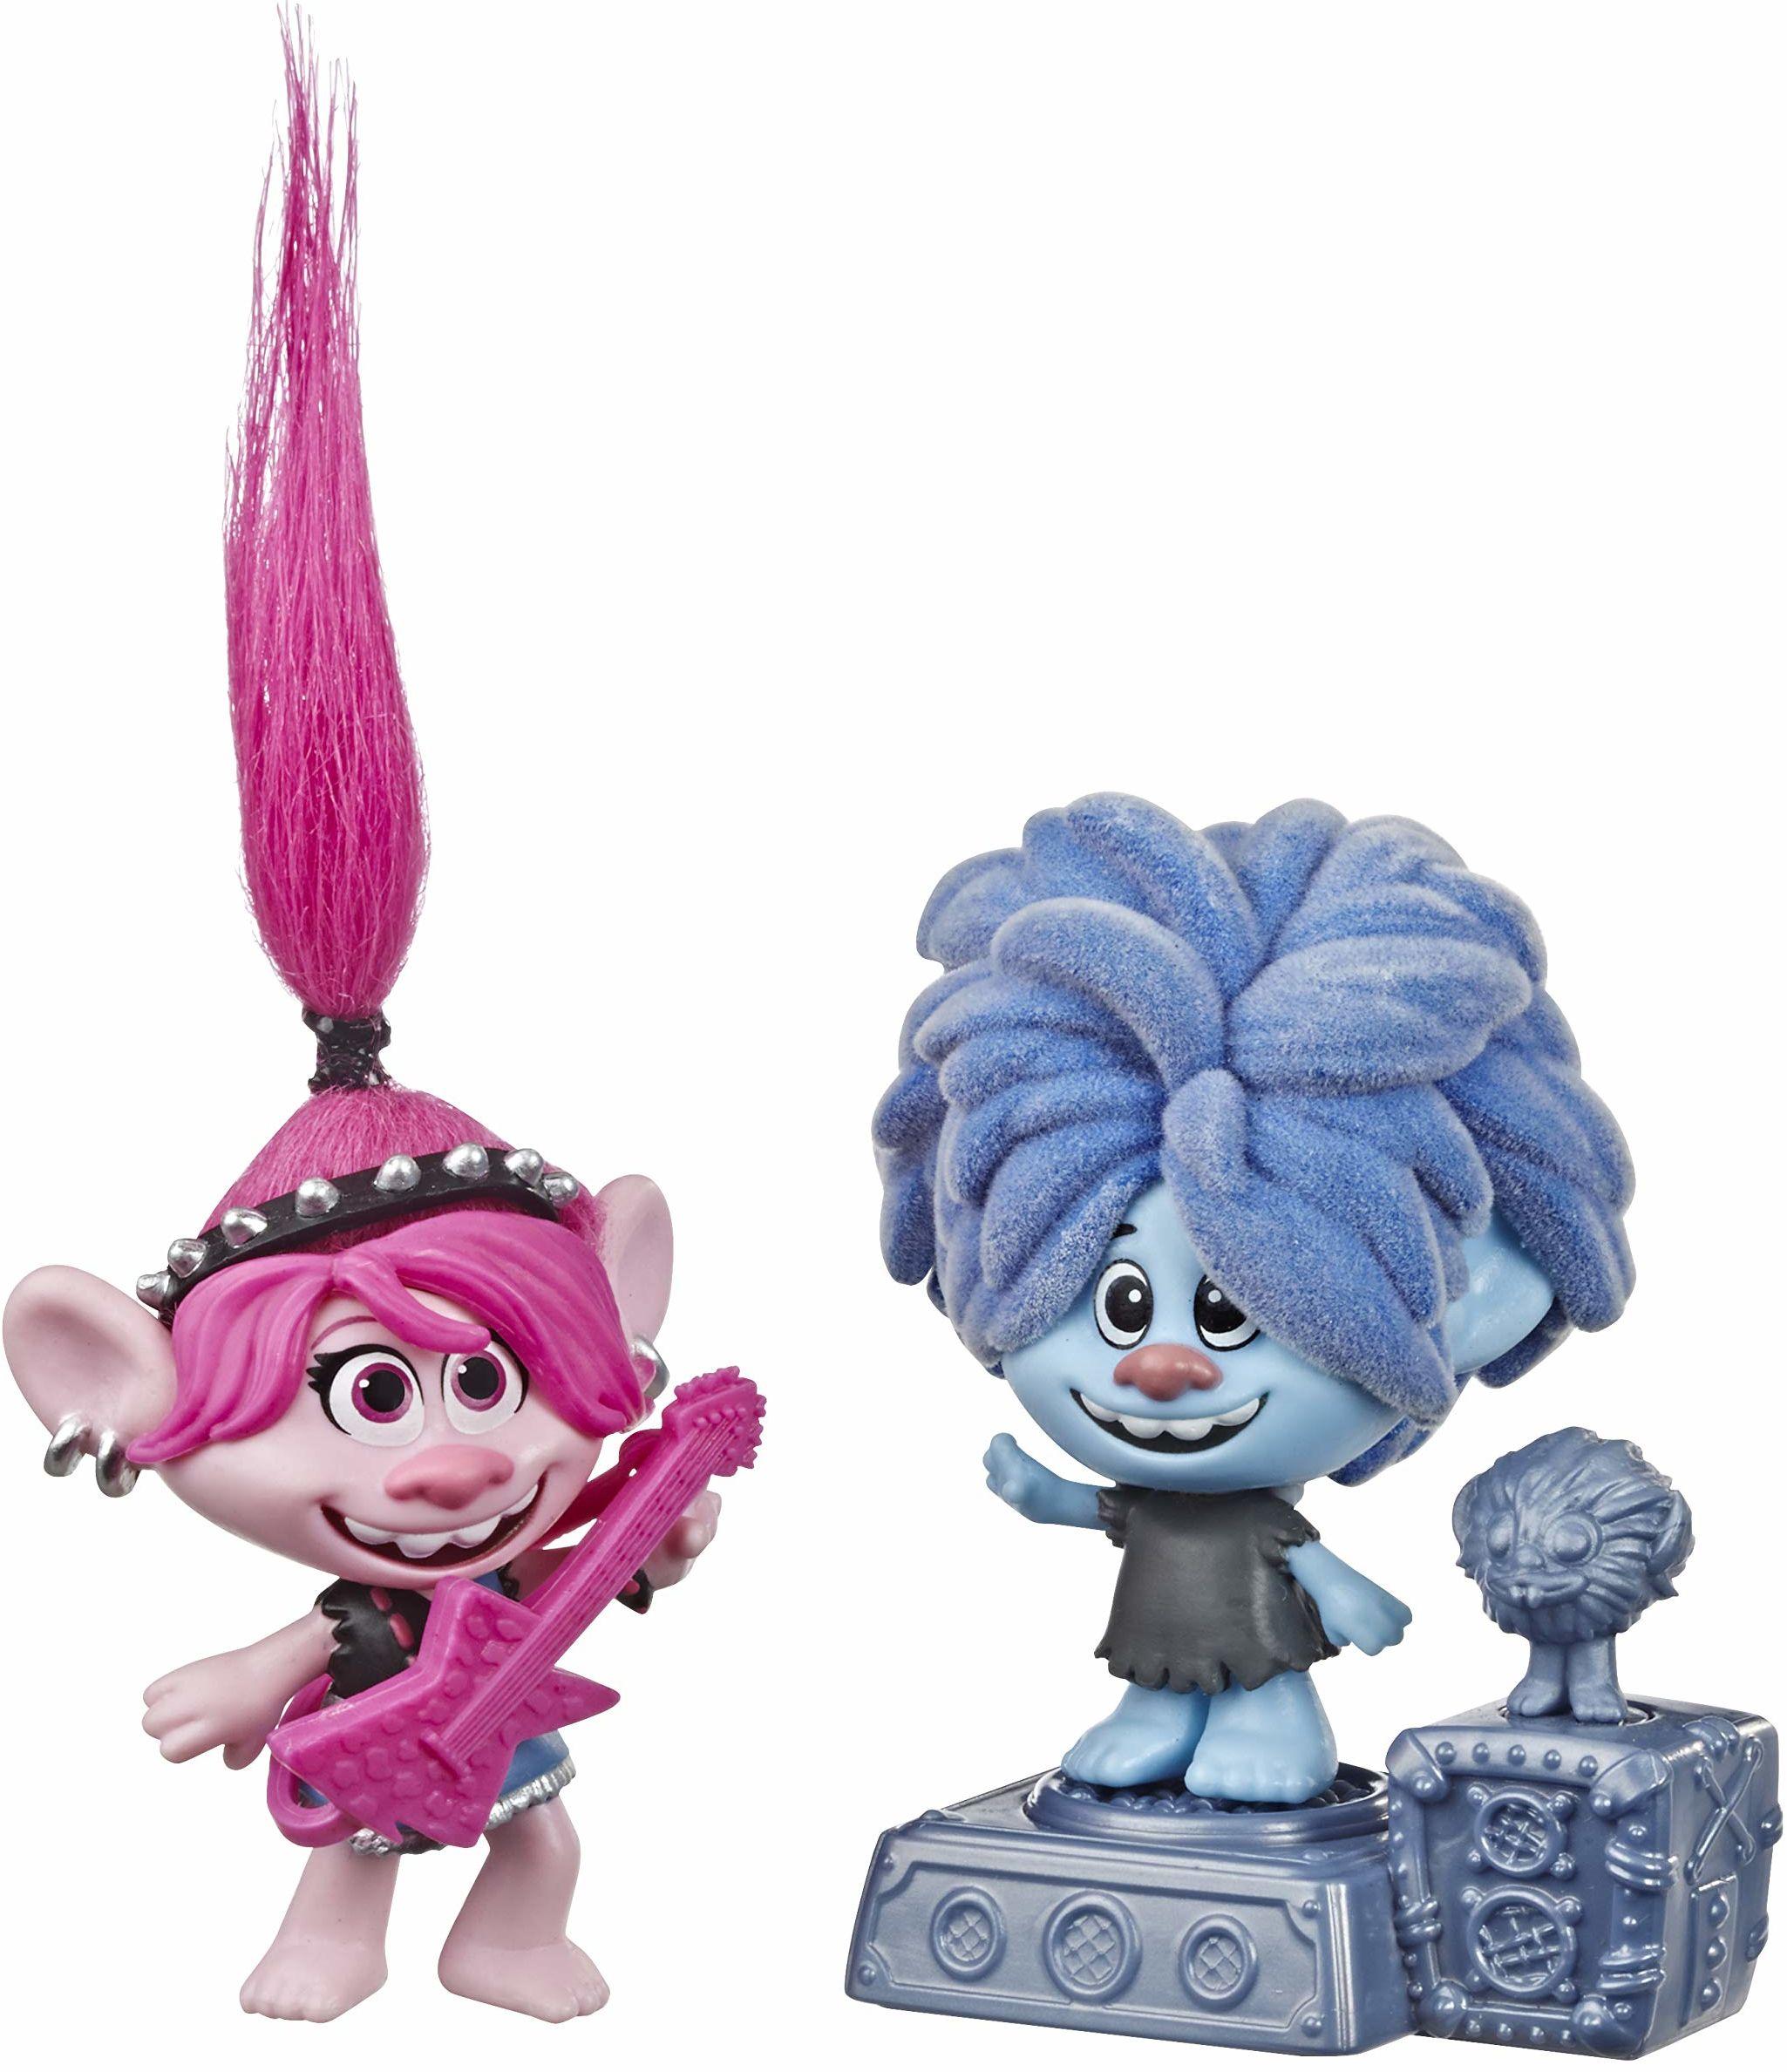 Hasbro DreamWorks Trolls World Tour Rock City zabawa z 2 figurkami, 1 z ruchomym ruchem i cokołem, zabawka do filmu Trolls World Tour